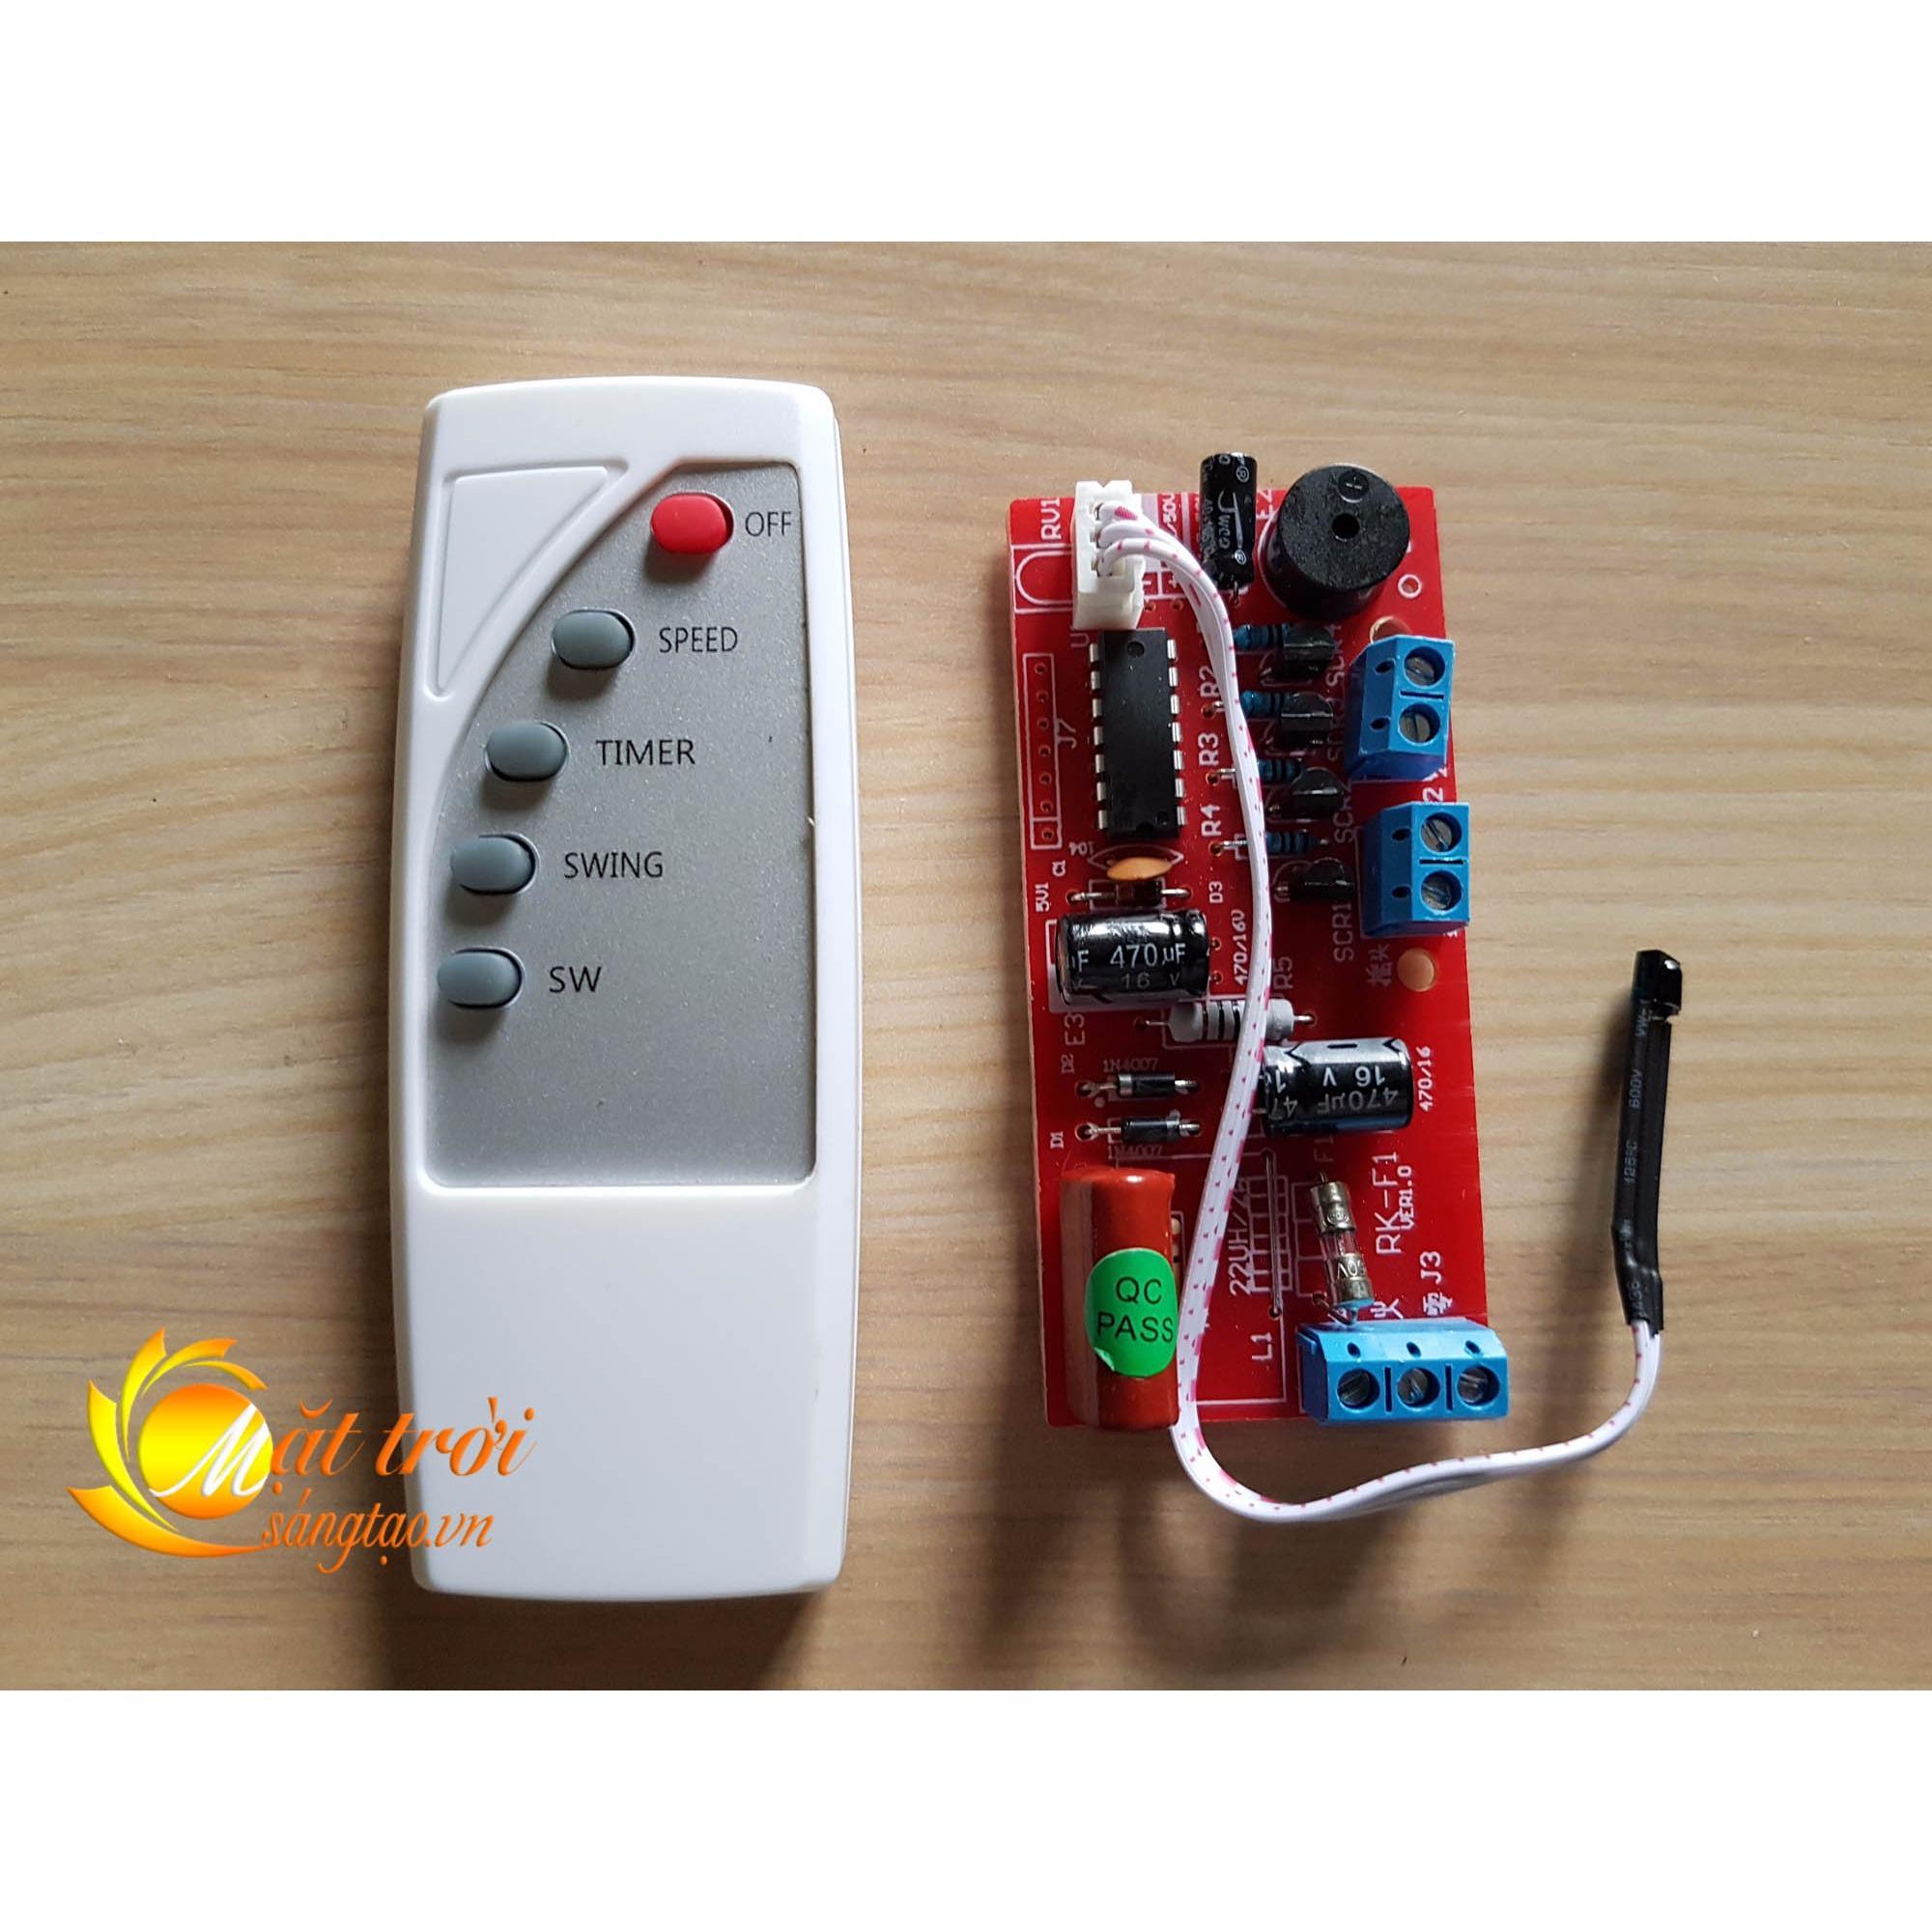 Hình ảnh Vỉ mạch điều khiển quạt V1 MTST